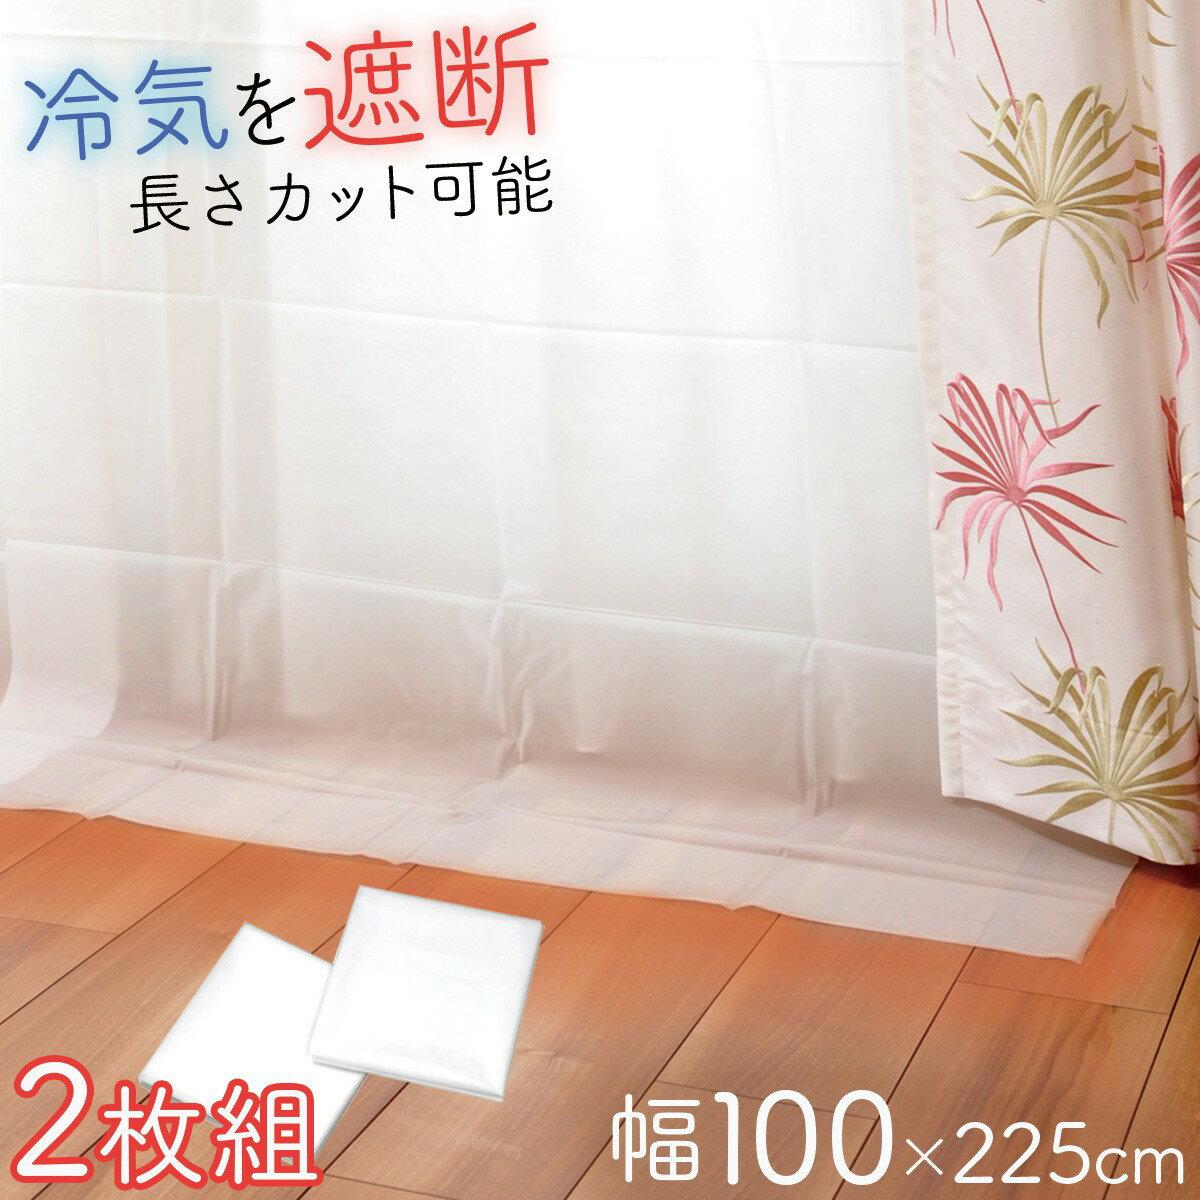 冷暖房エコカーテン